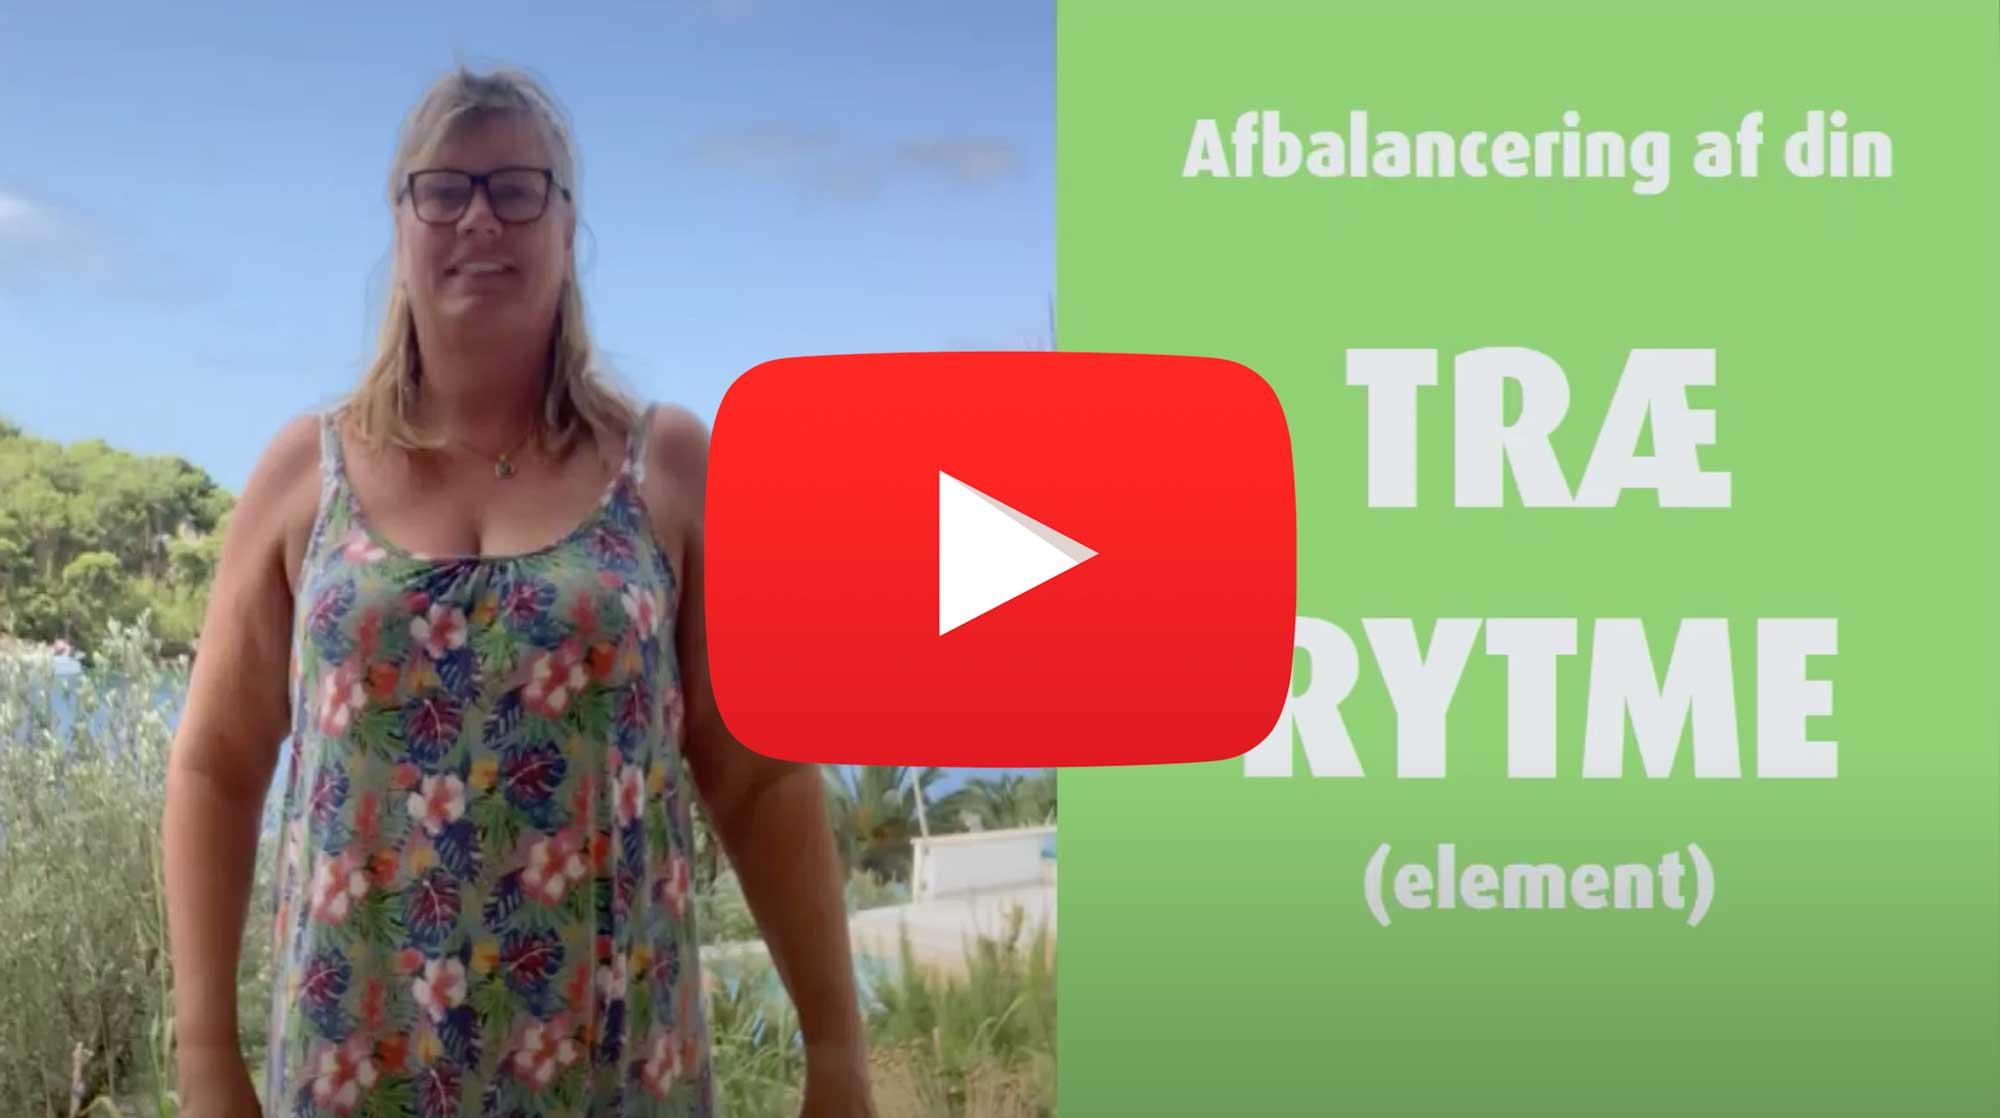 Øvelse til af afbalancere TRÆ rytmen (træ elementet)